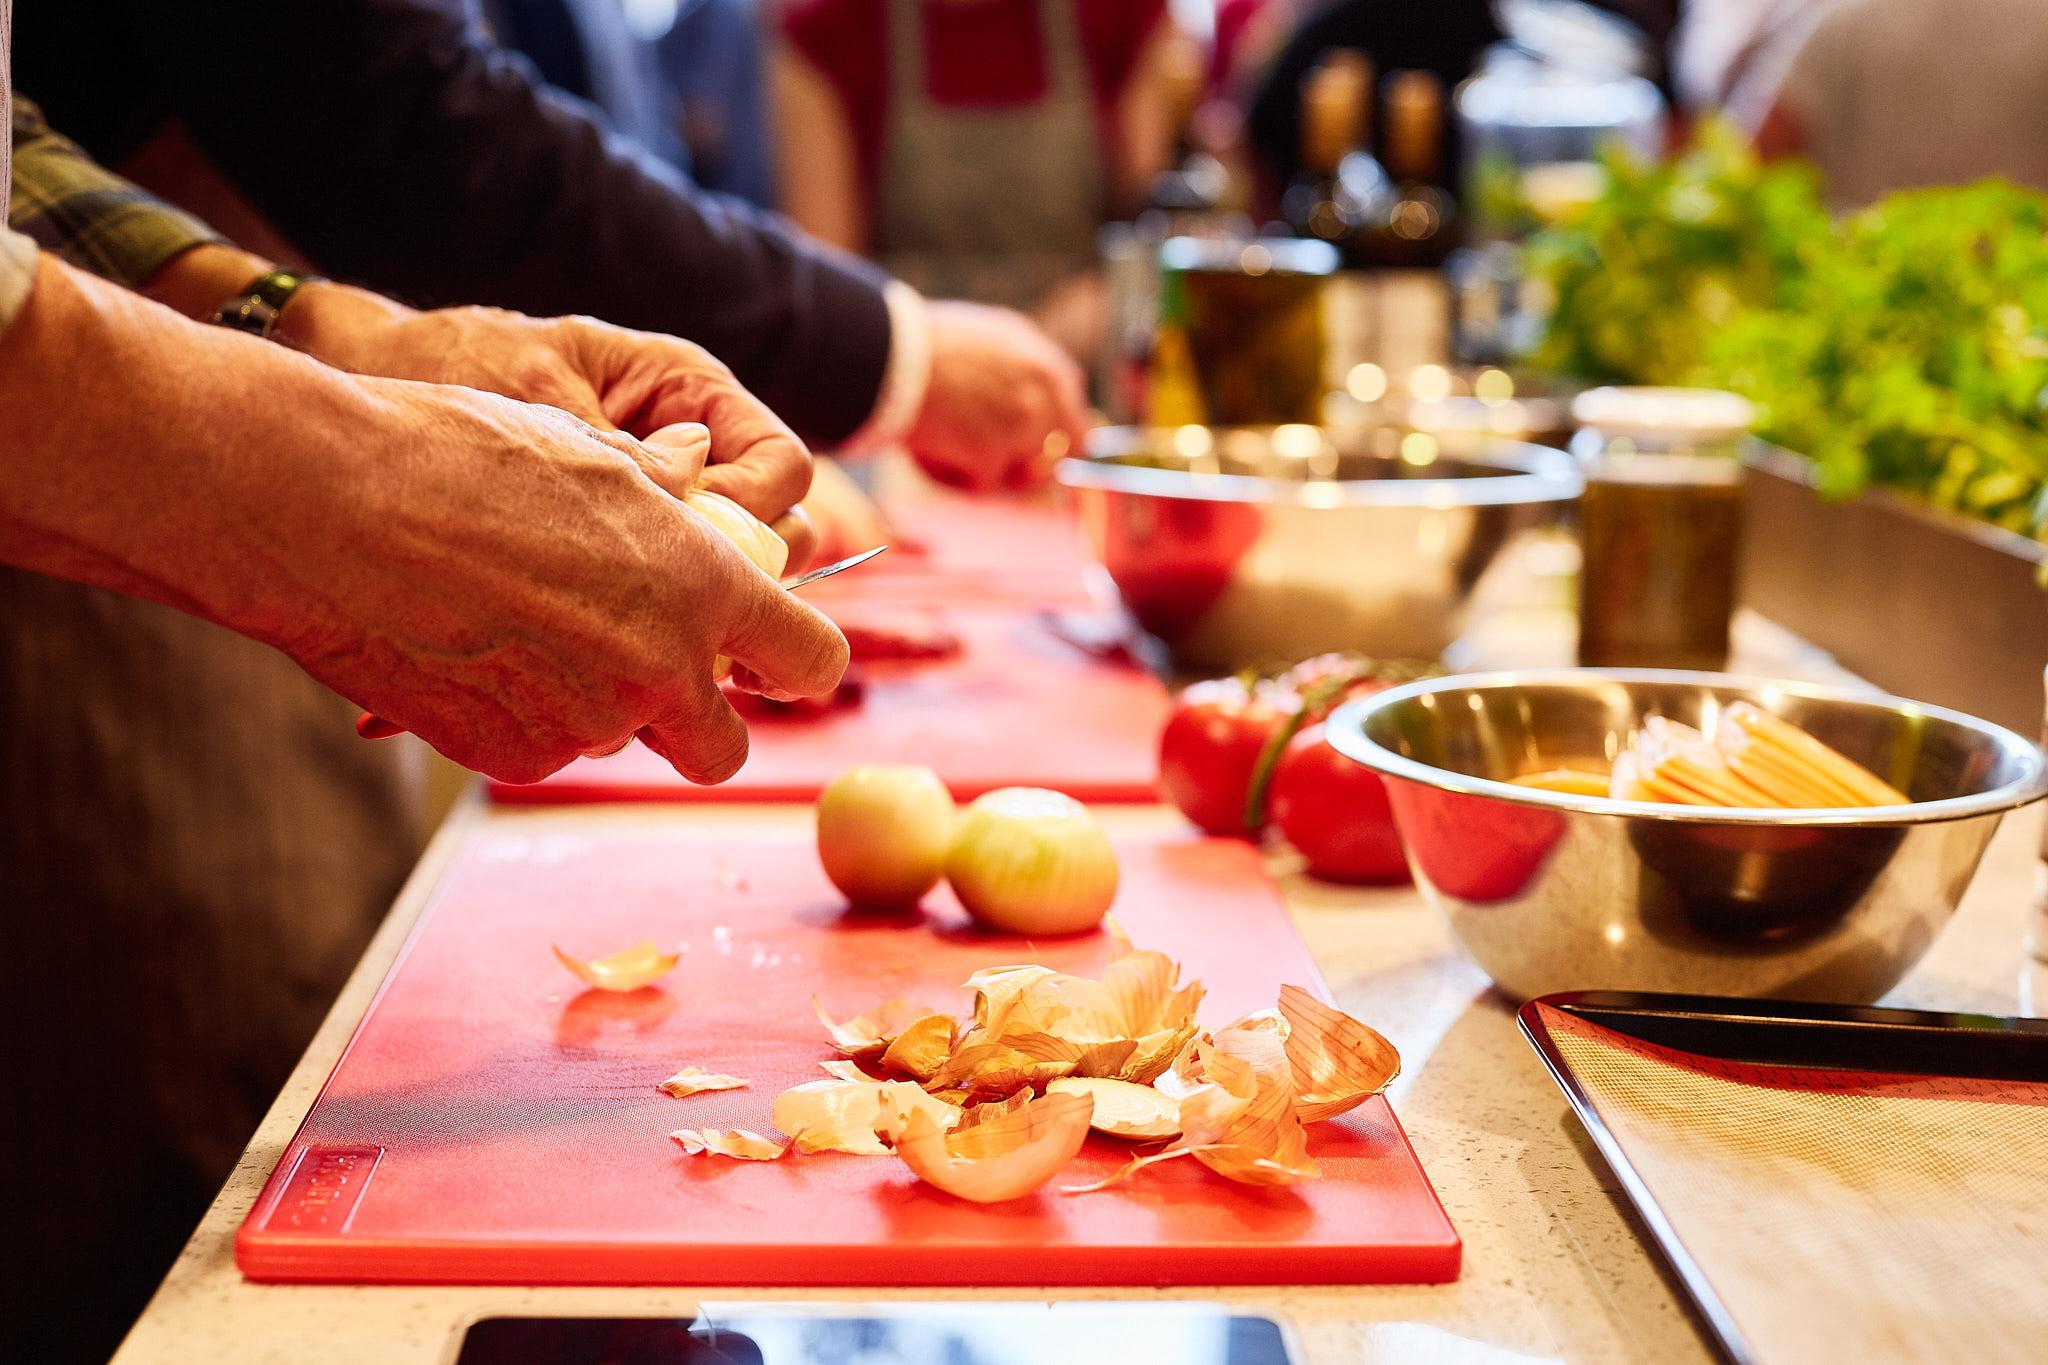 DATA EN KOSTEN - De cursus wordt gegeven op woensdagavond van 18:00 uur tot 21:00 uur.Woensdagen : 4, 18, 25 september en 2, 16 en 30 oktober (VOL!) De kosten bedragen € 285,- euro voor alle 6 lessen. Inbegrepen zijn alle ingrediënten en 2 drankjes tijdens het koken. Vooraf wat kleins eten wordt aangeraden.Minimaal 8 maximaal 12 deelnemers. Losse lessen kunnen niet worden gevolgd.Neem eigen doggybags mee voor de overgebleven gerechten!!